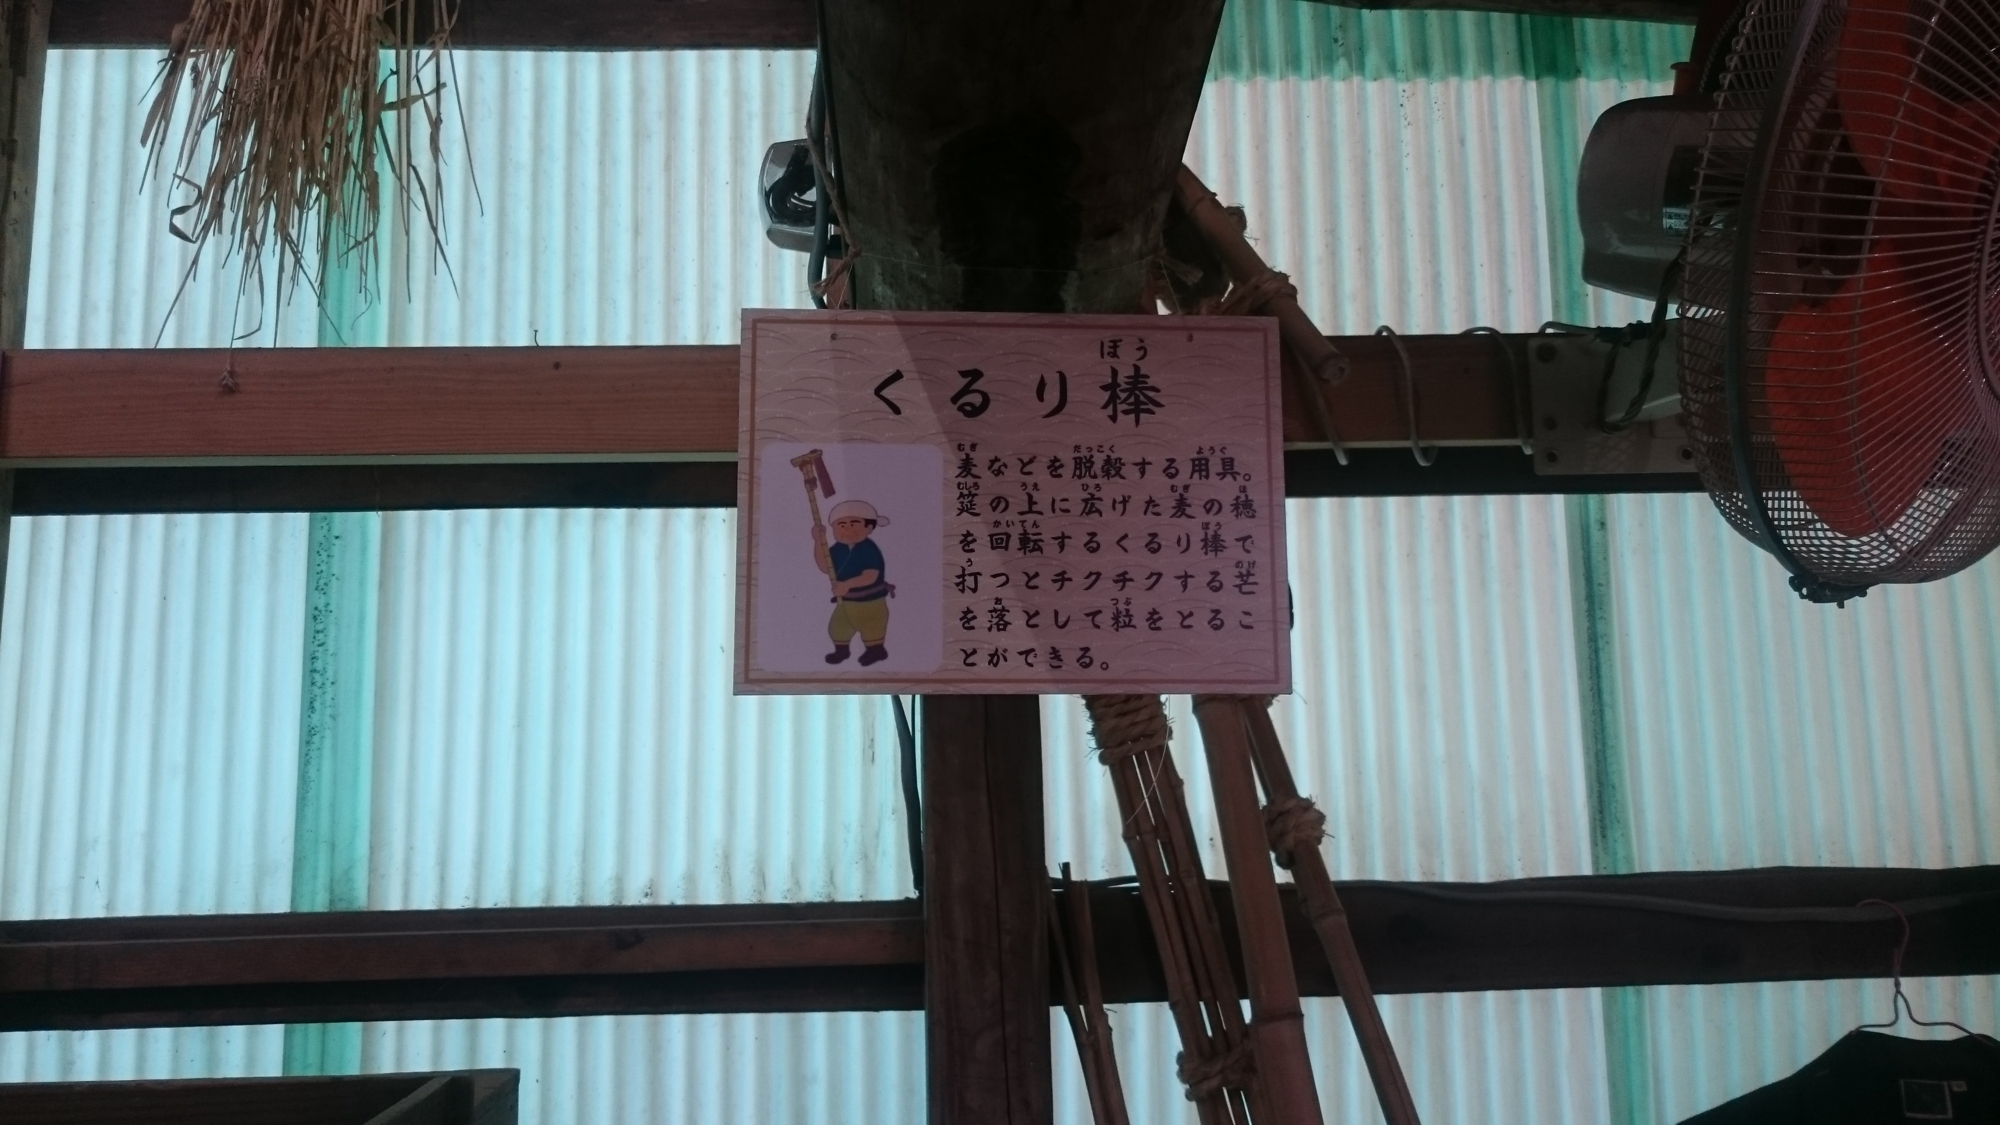 三富今昔村おもしろ館 くるり棒